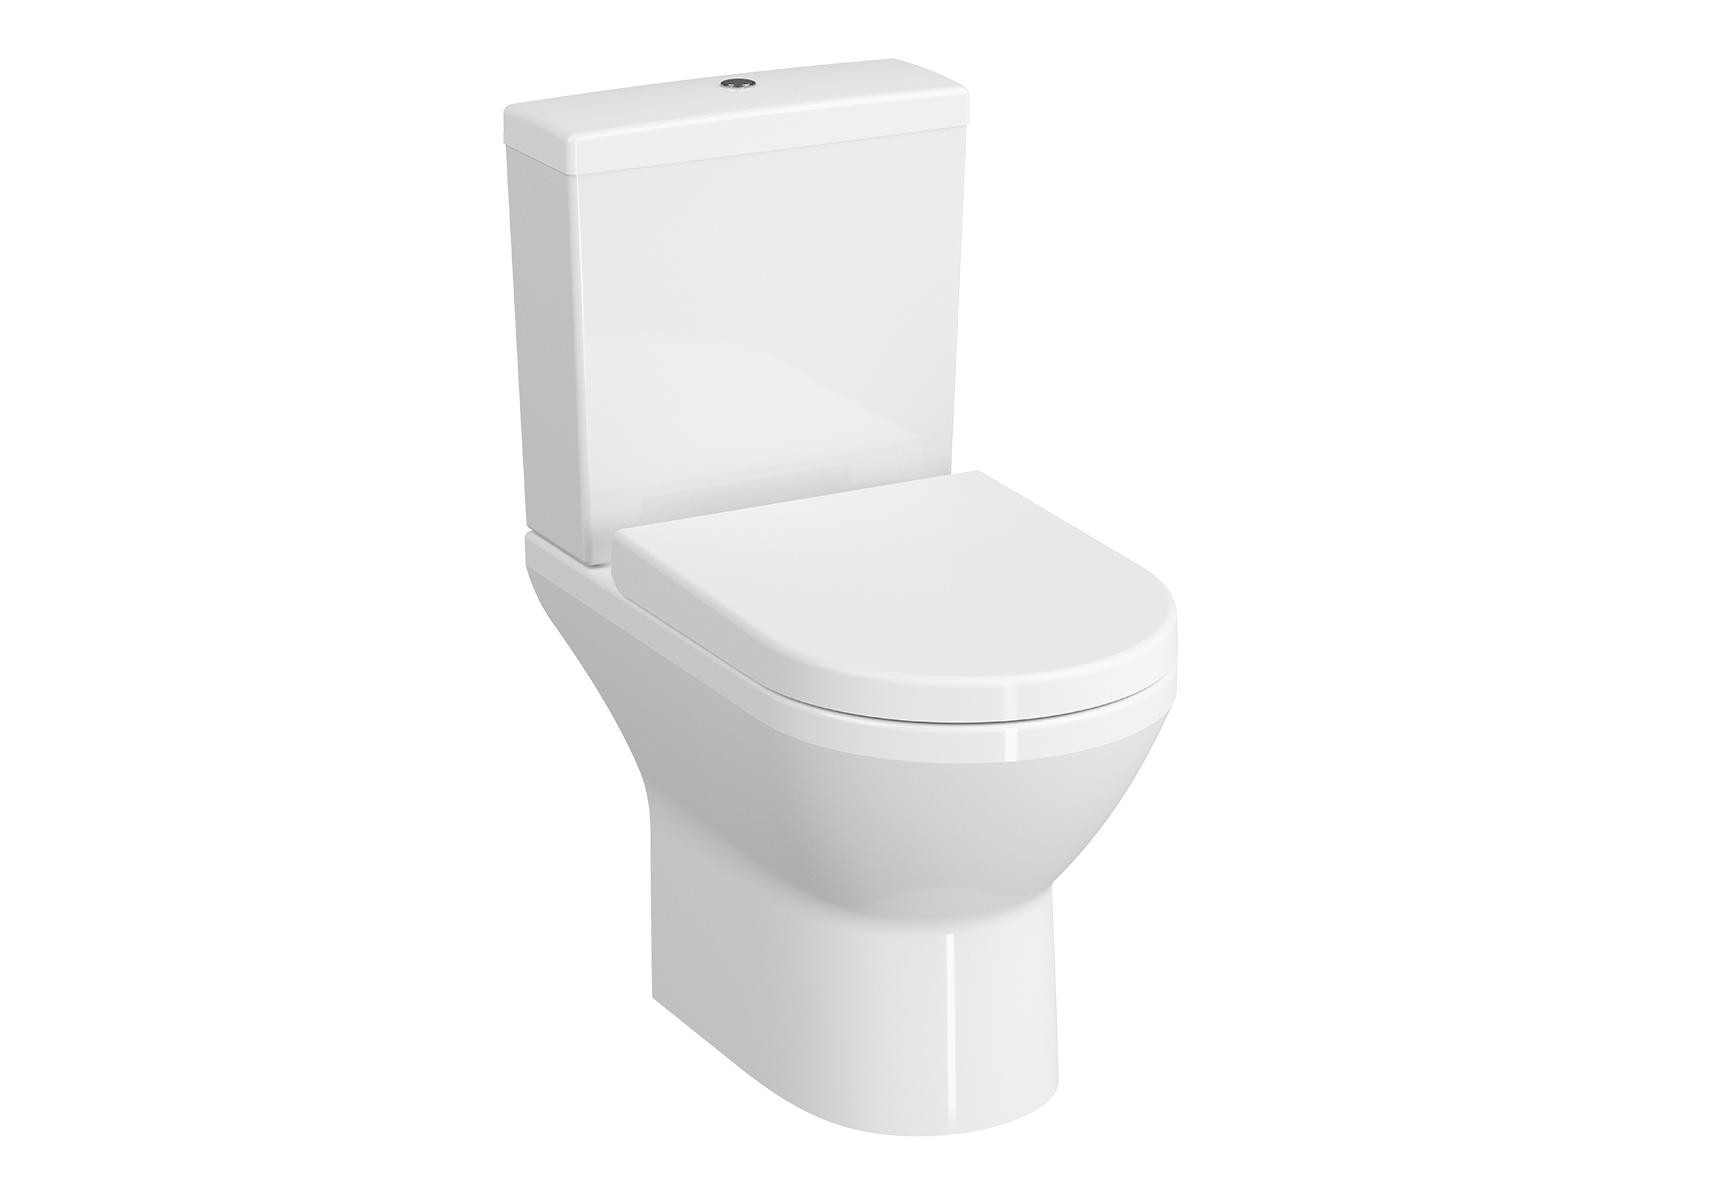 Integra Pack WC à poser open back, abattant Duroplast, fermeture douce, avec libération rapide